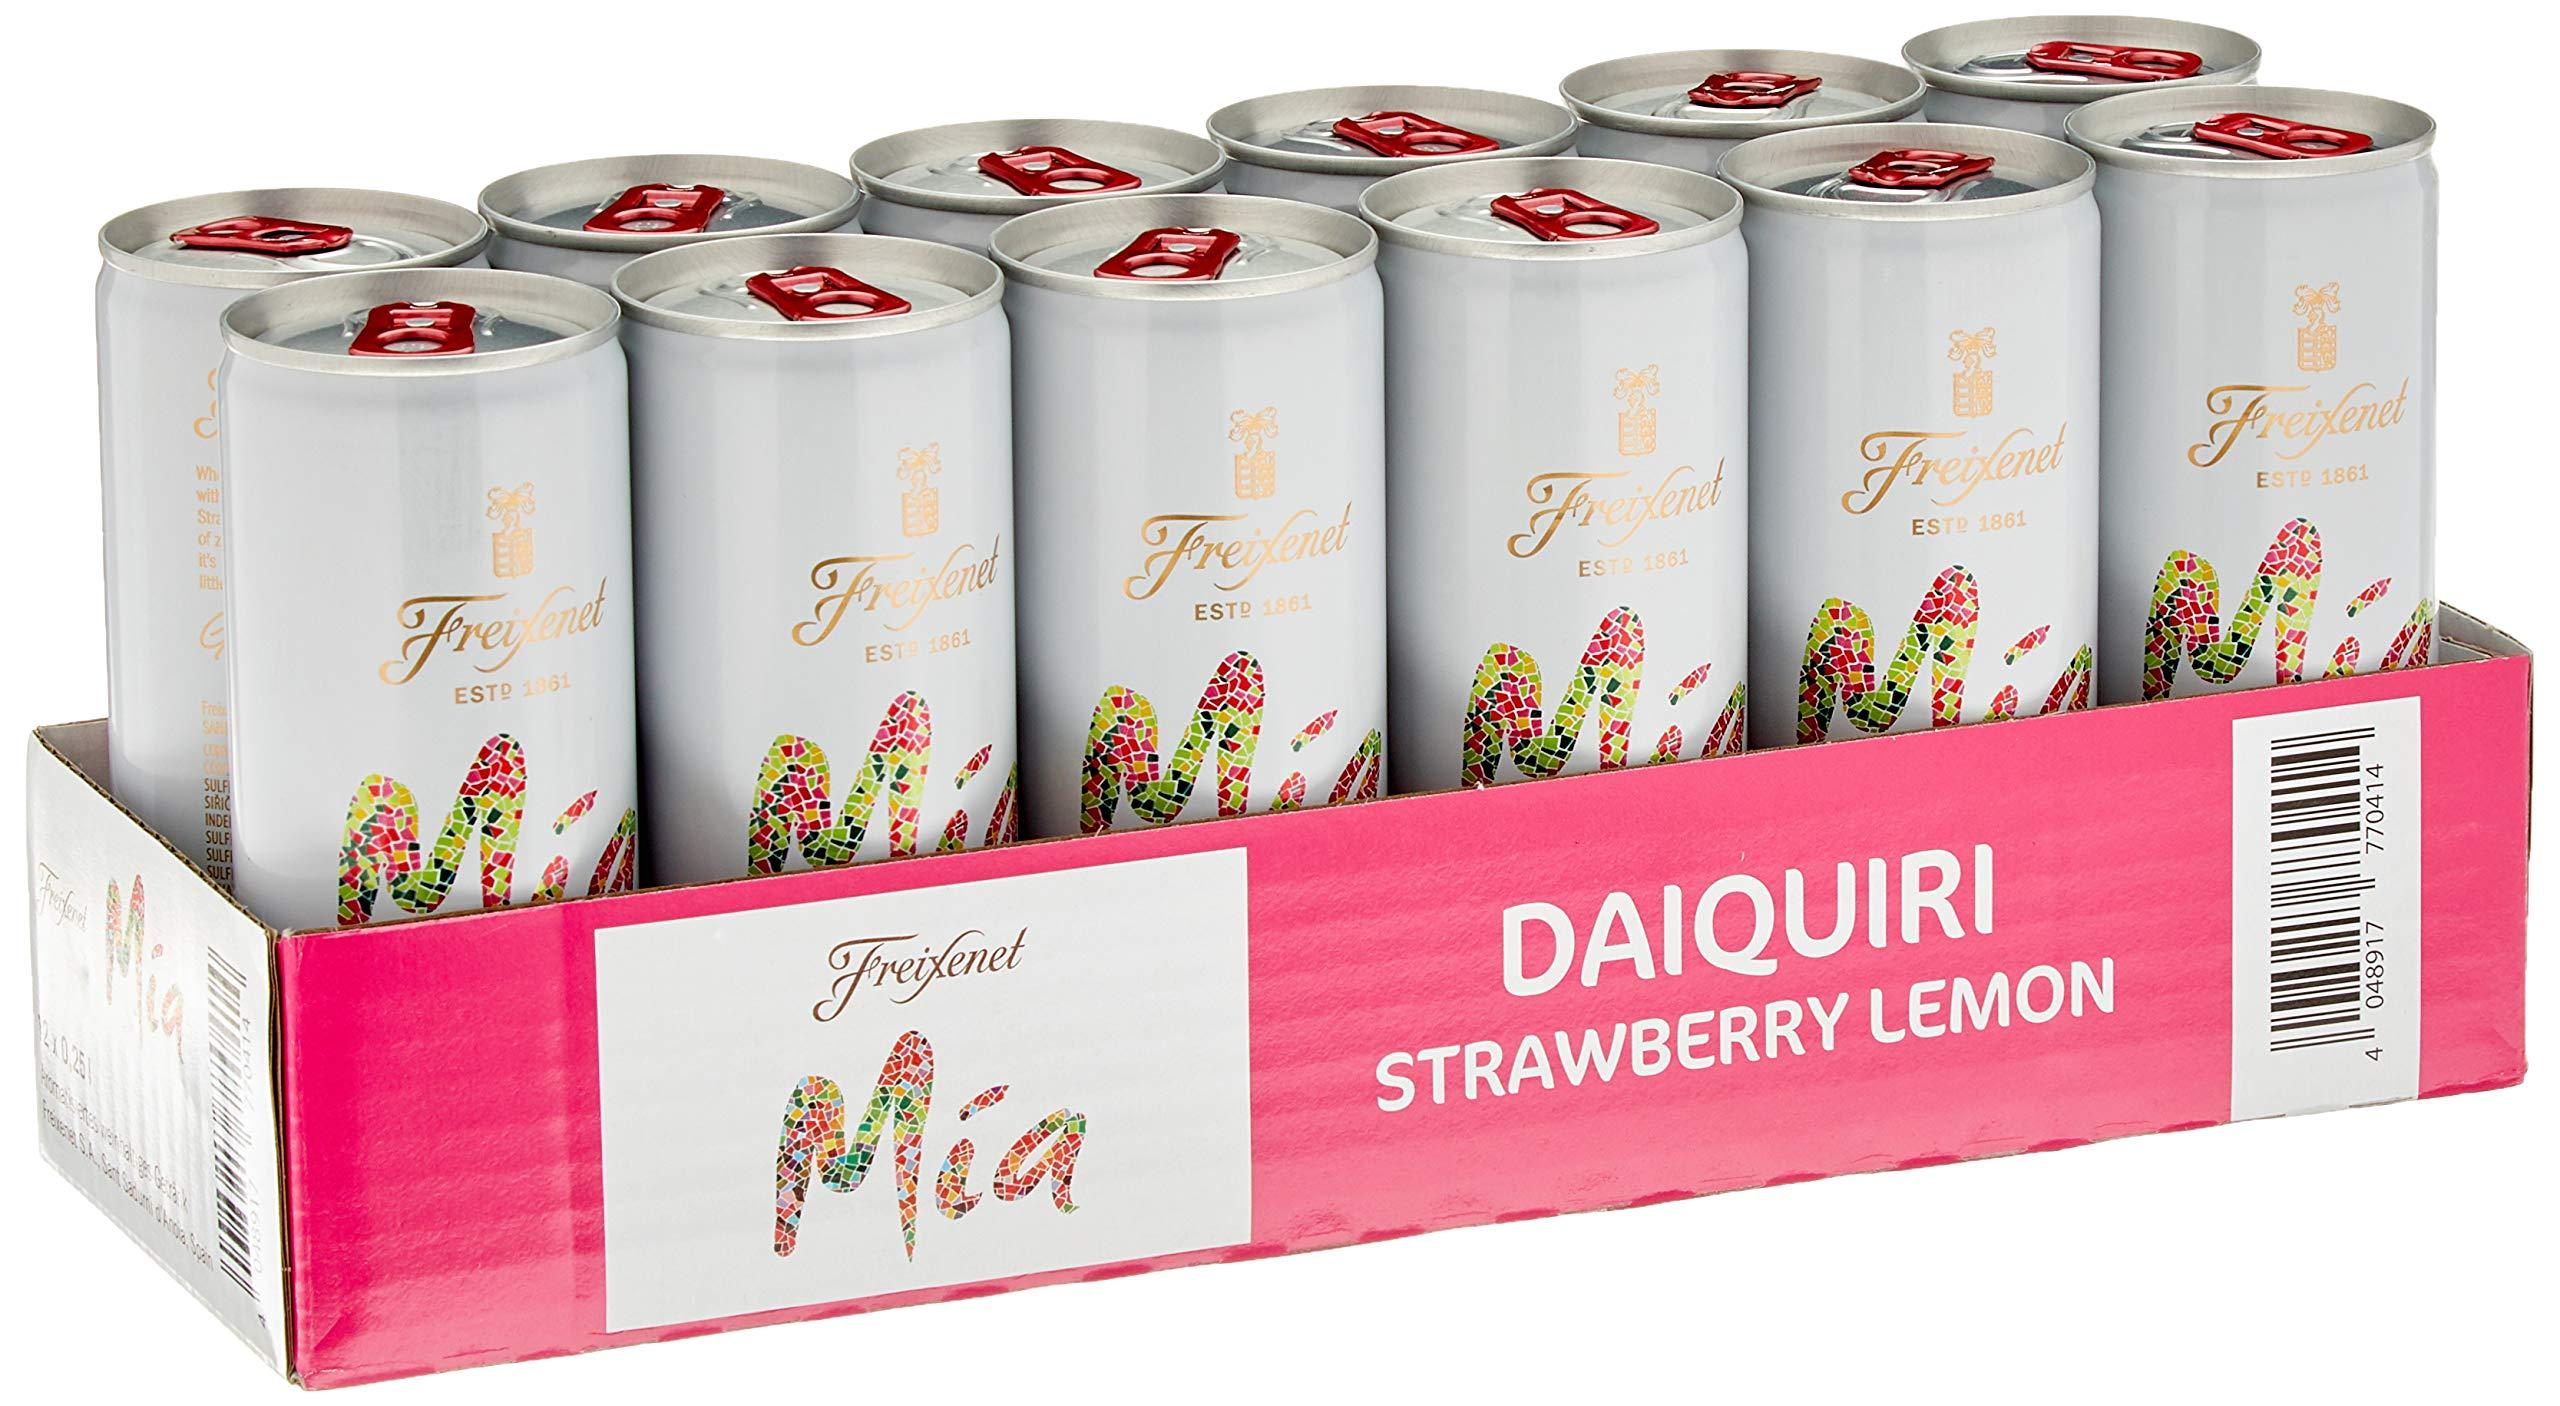 Freixenet-Mia-Daiquiri-Strawberry-Lemon-Dose-12-x-025-l